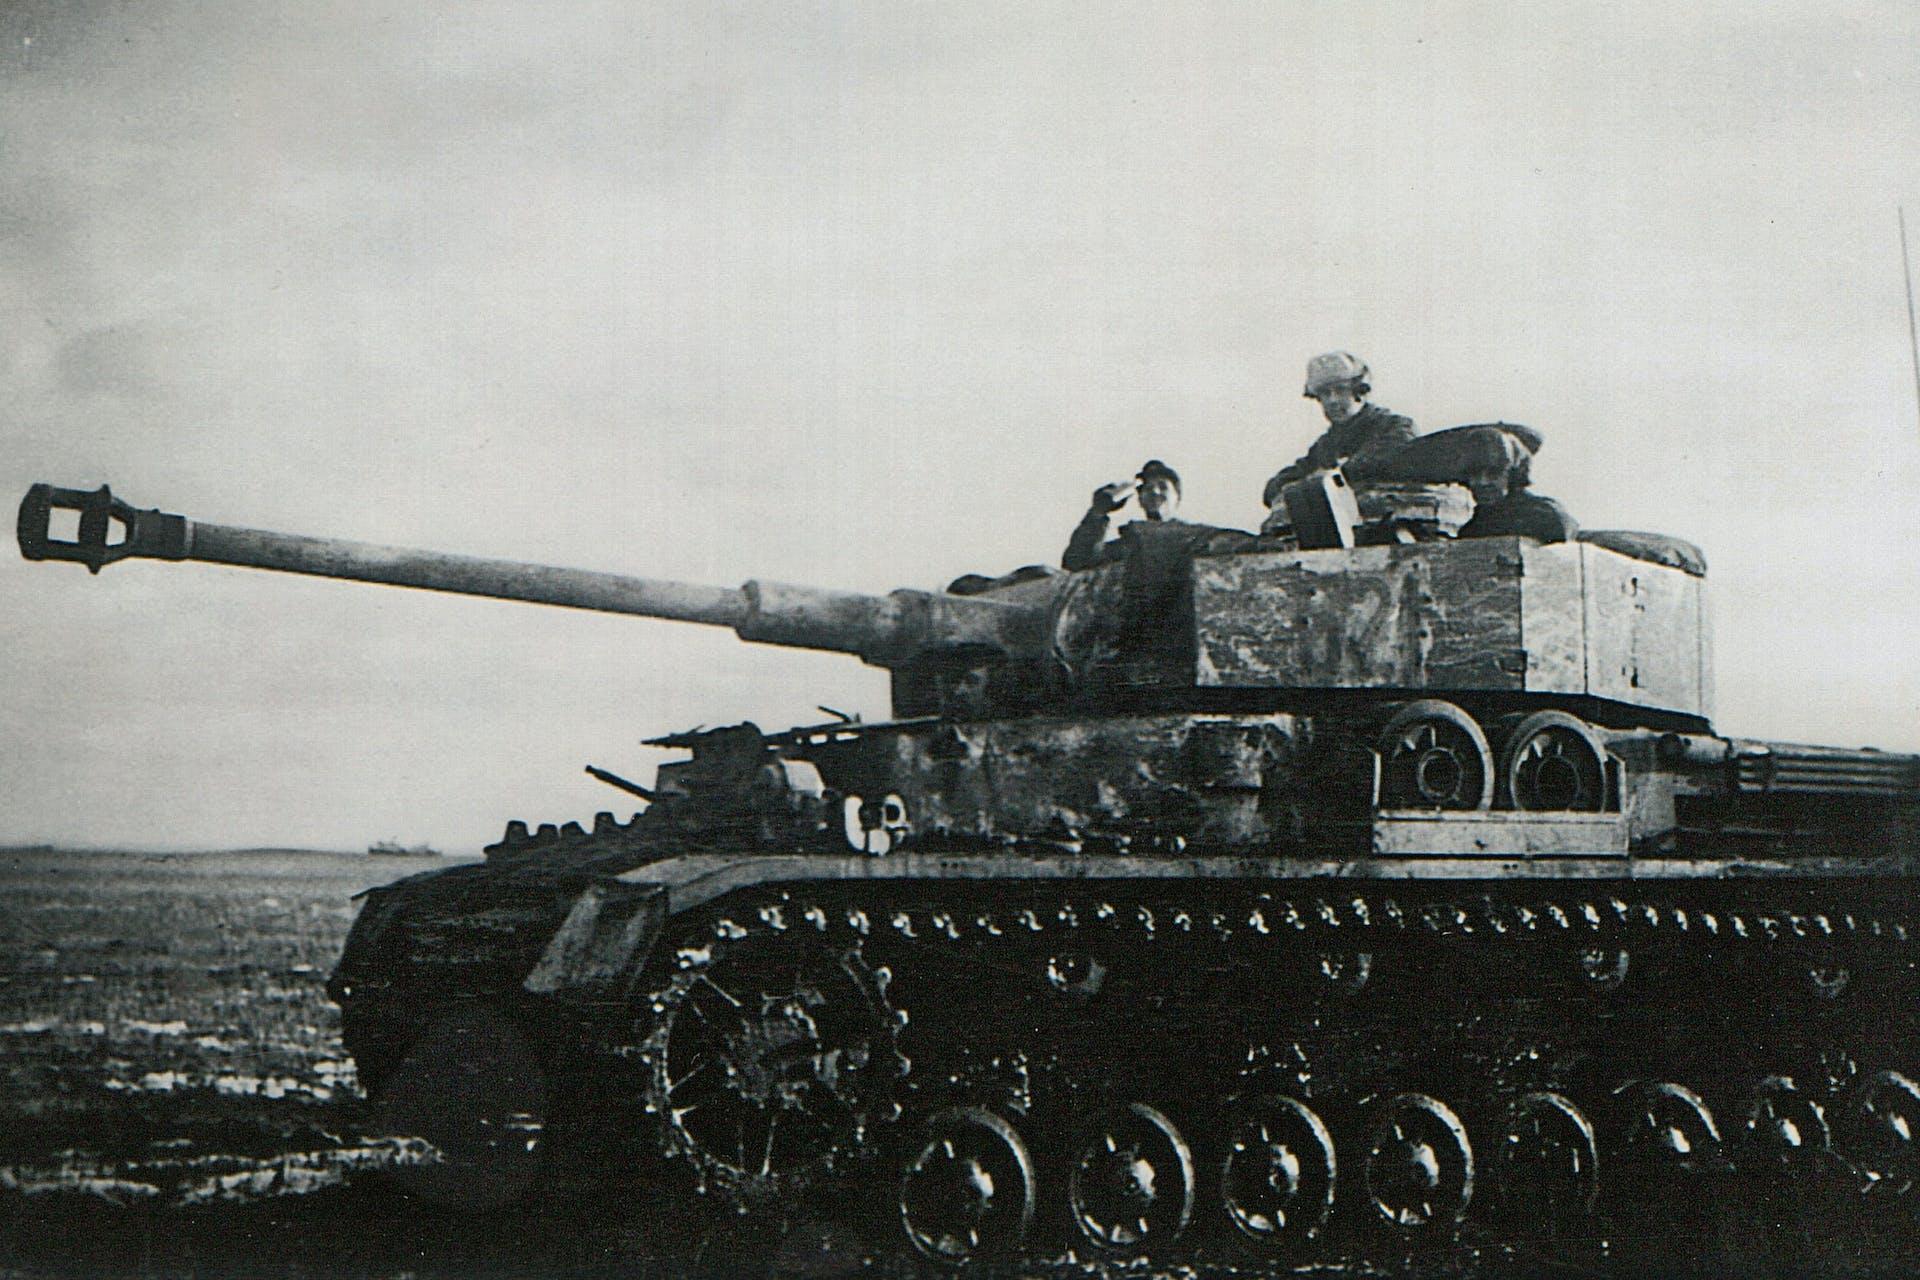 Nils Rosén, Panzer IV, östfronten 1944, frivillig i Wehrmacht, Zjytomyr